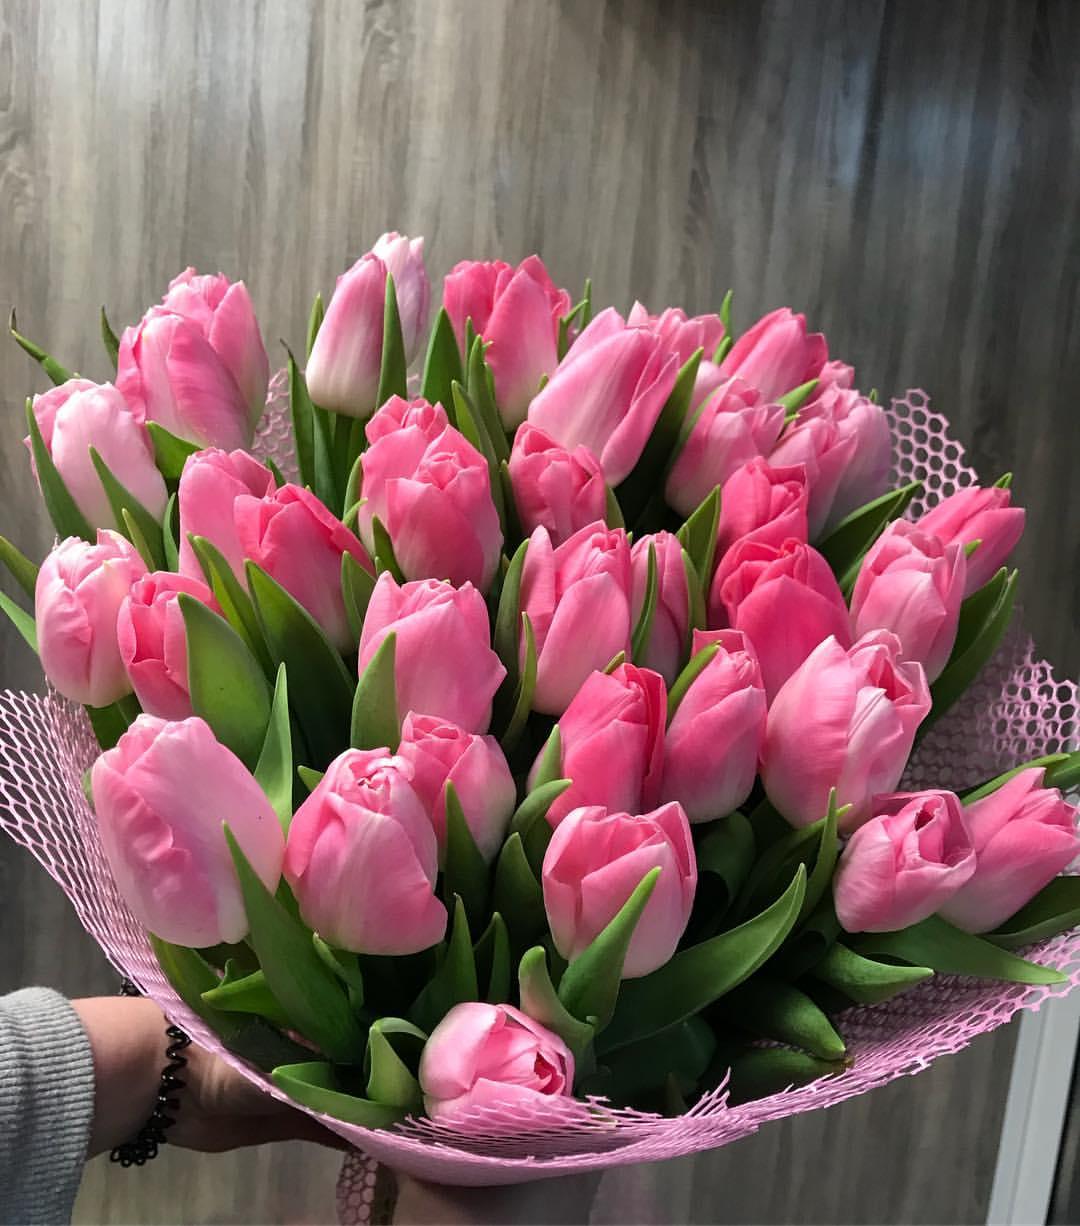 слон фото букетов с тюльпанами дома как сварка дело